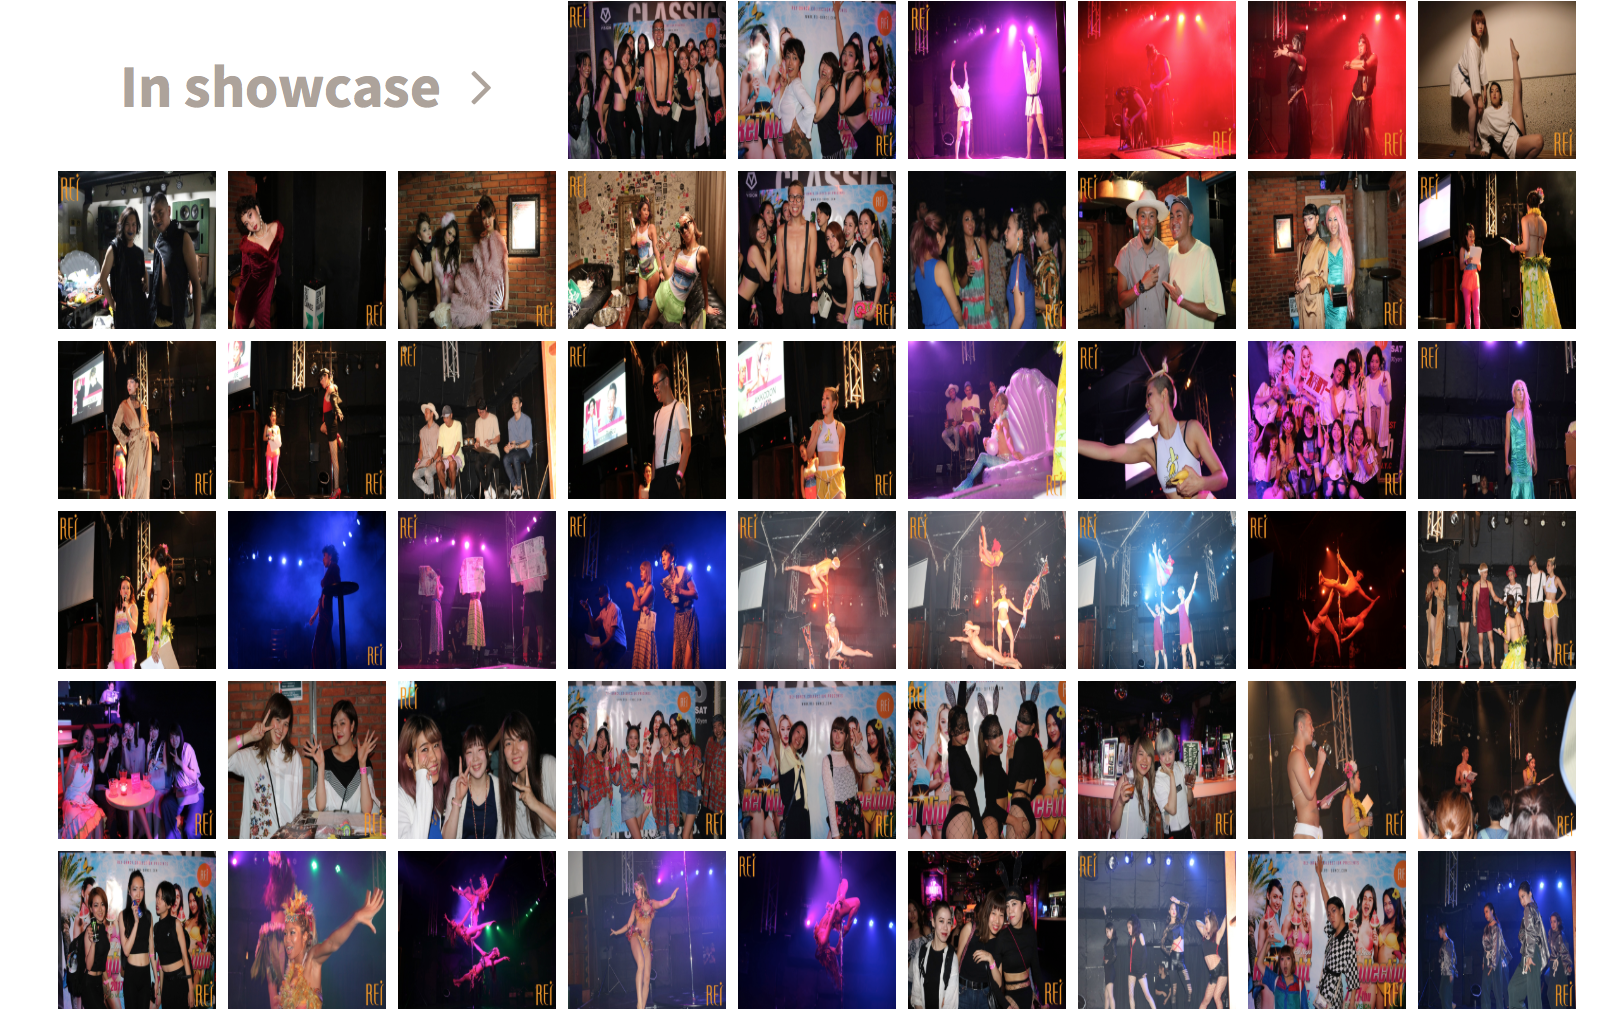 記事「ダンススタジオによるクラブイベント?!Rei Night Collection の写真公開!」の画像